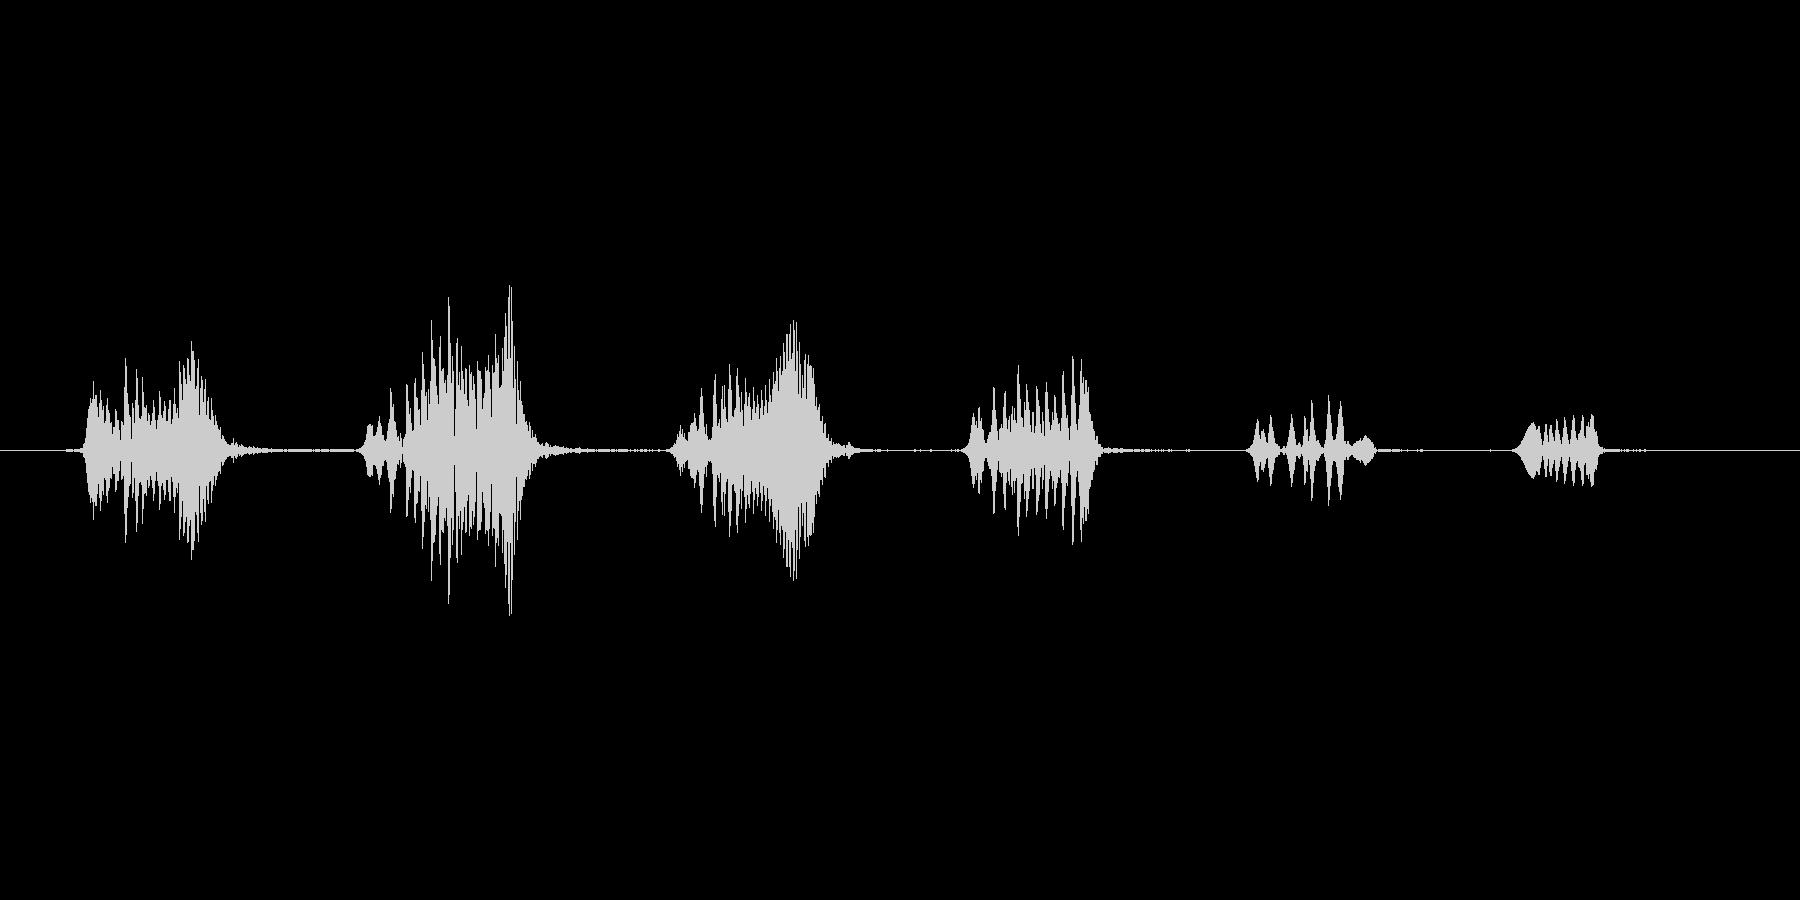 【笑い声】フッフッフッフッフ…の未再生の波形